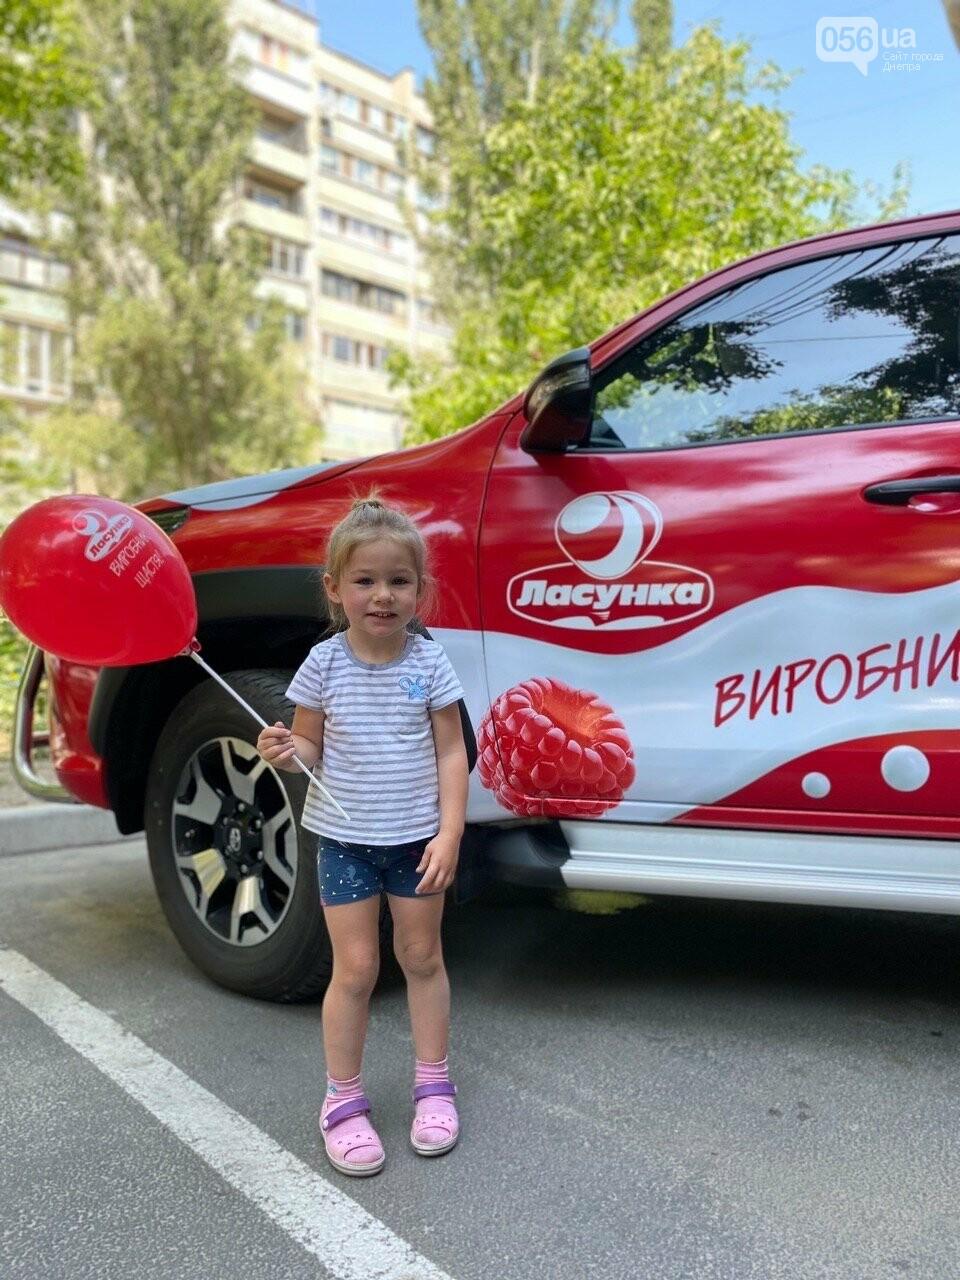 ТМ «Ласунка» поделилась праздником с жителями Днепра!, фото-5